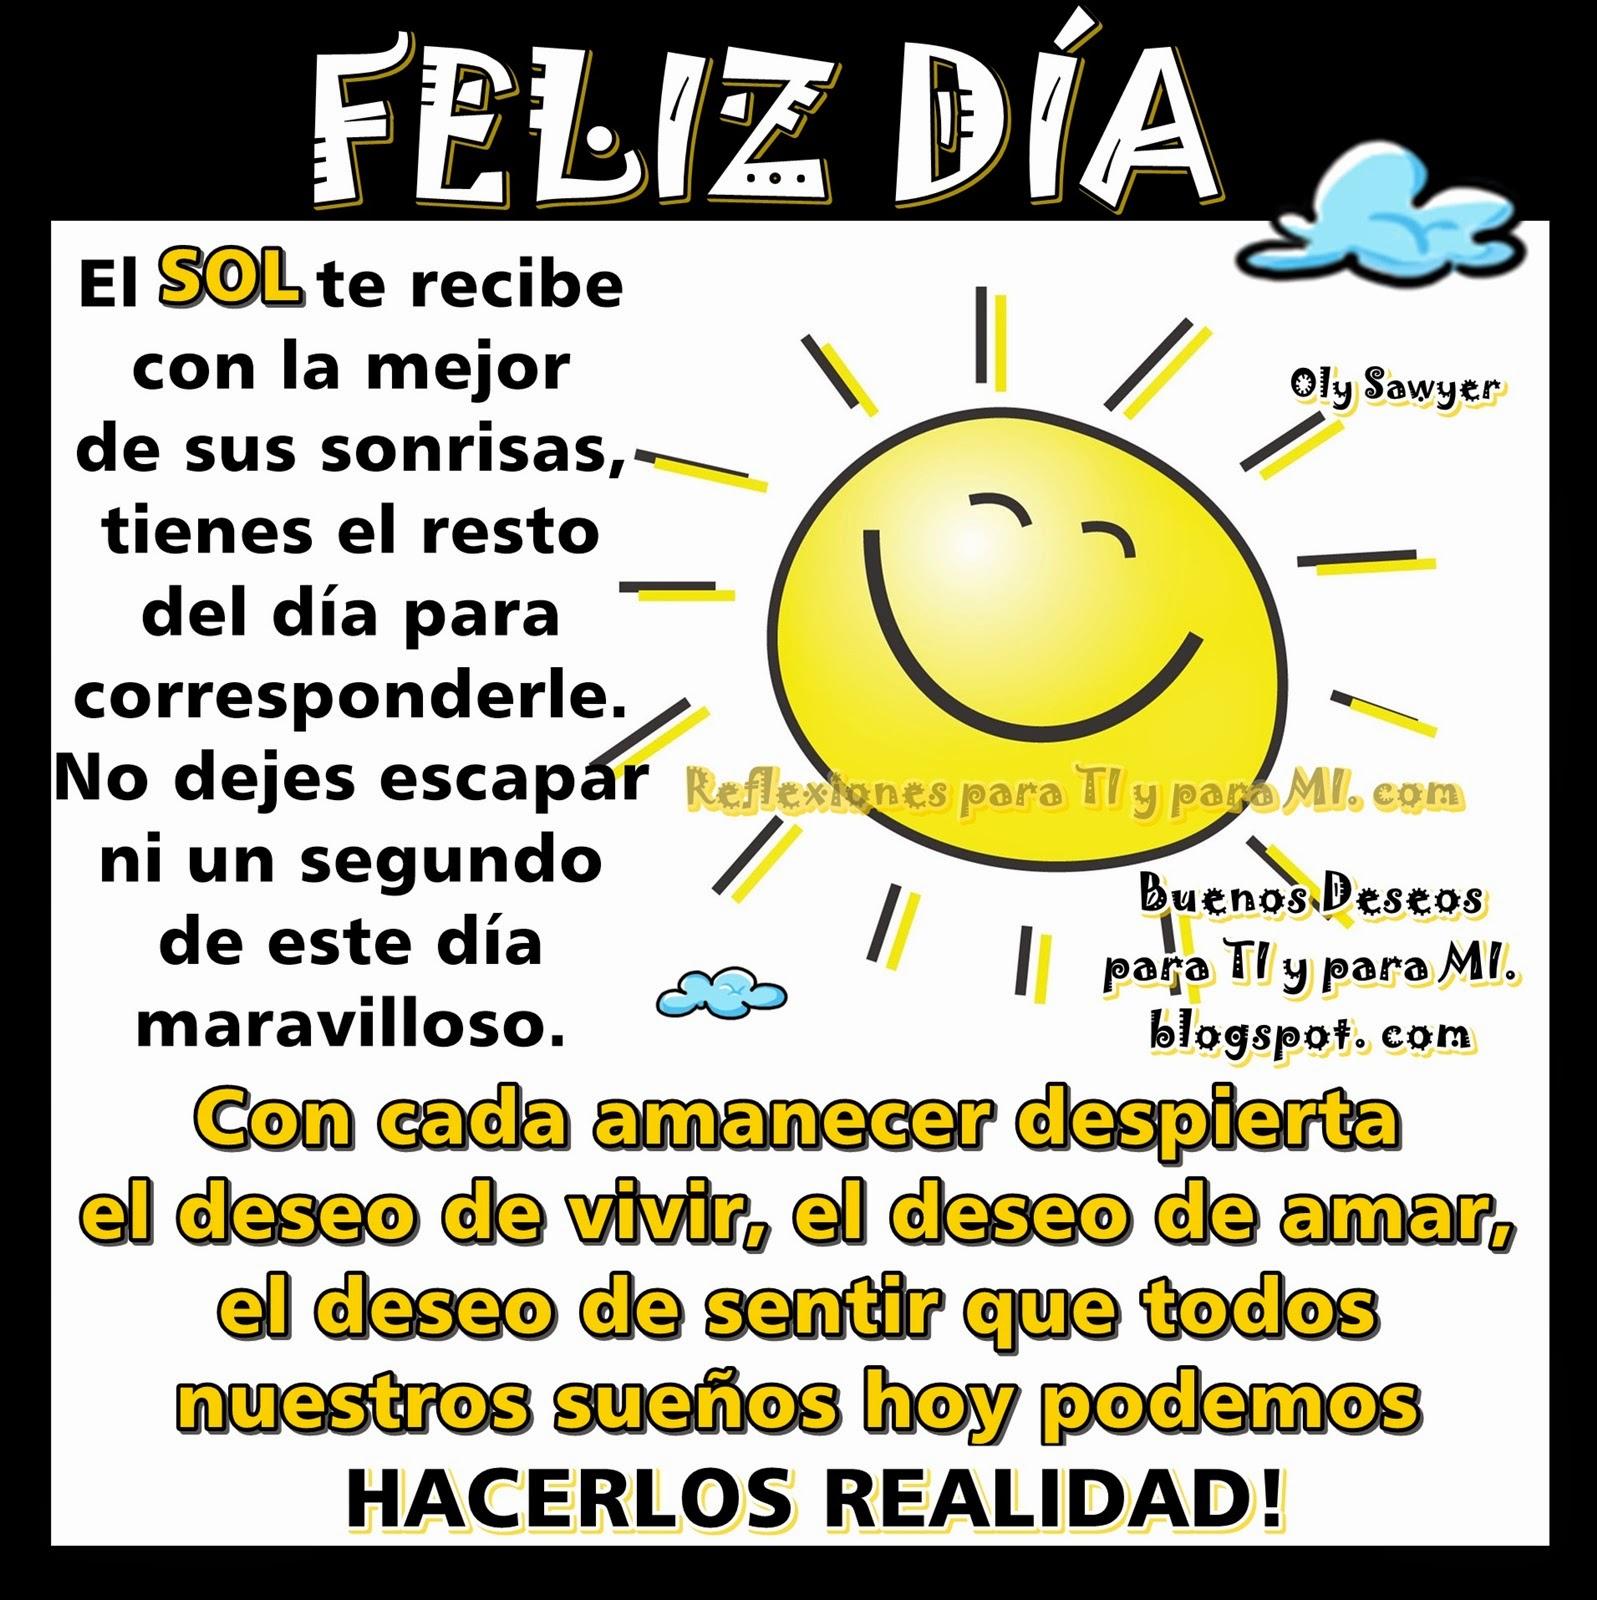 El SOL te recibe con la mejor de las sonrisas, tienes el resto del día para corresponderle.